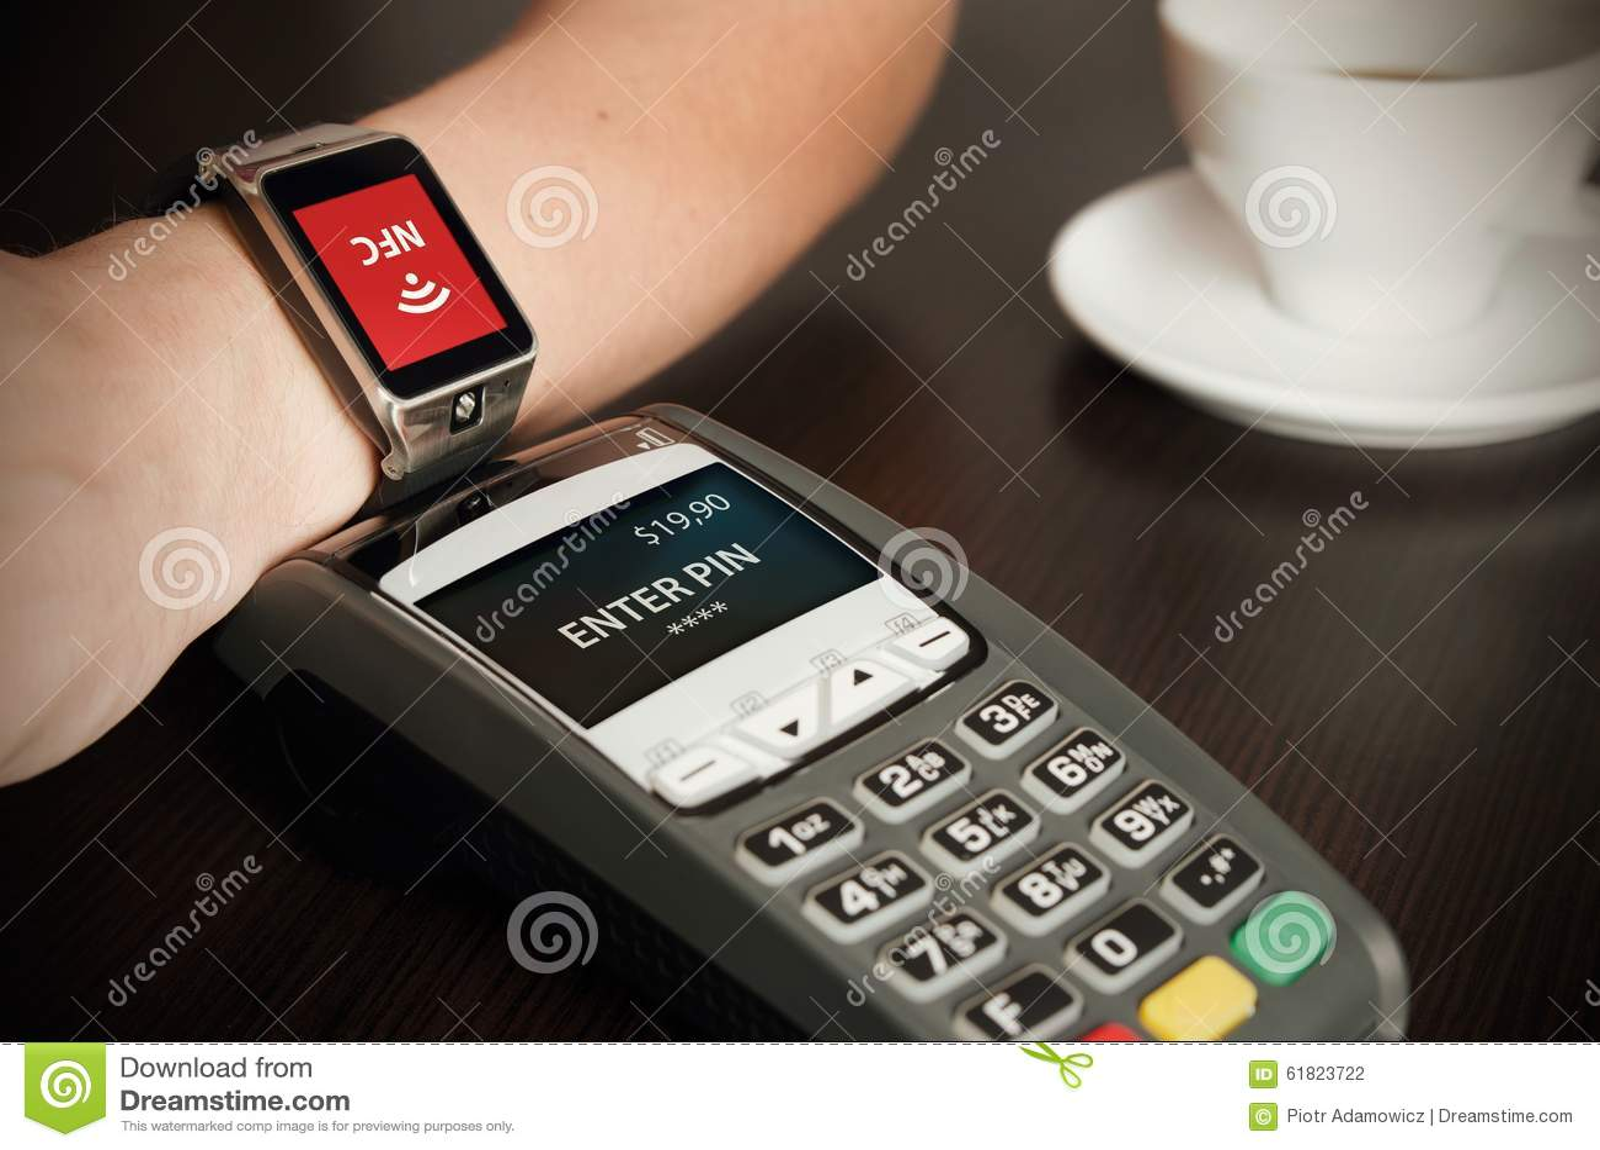 Man Making Payment Through Smartwatch Via NFC Technology ...